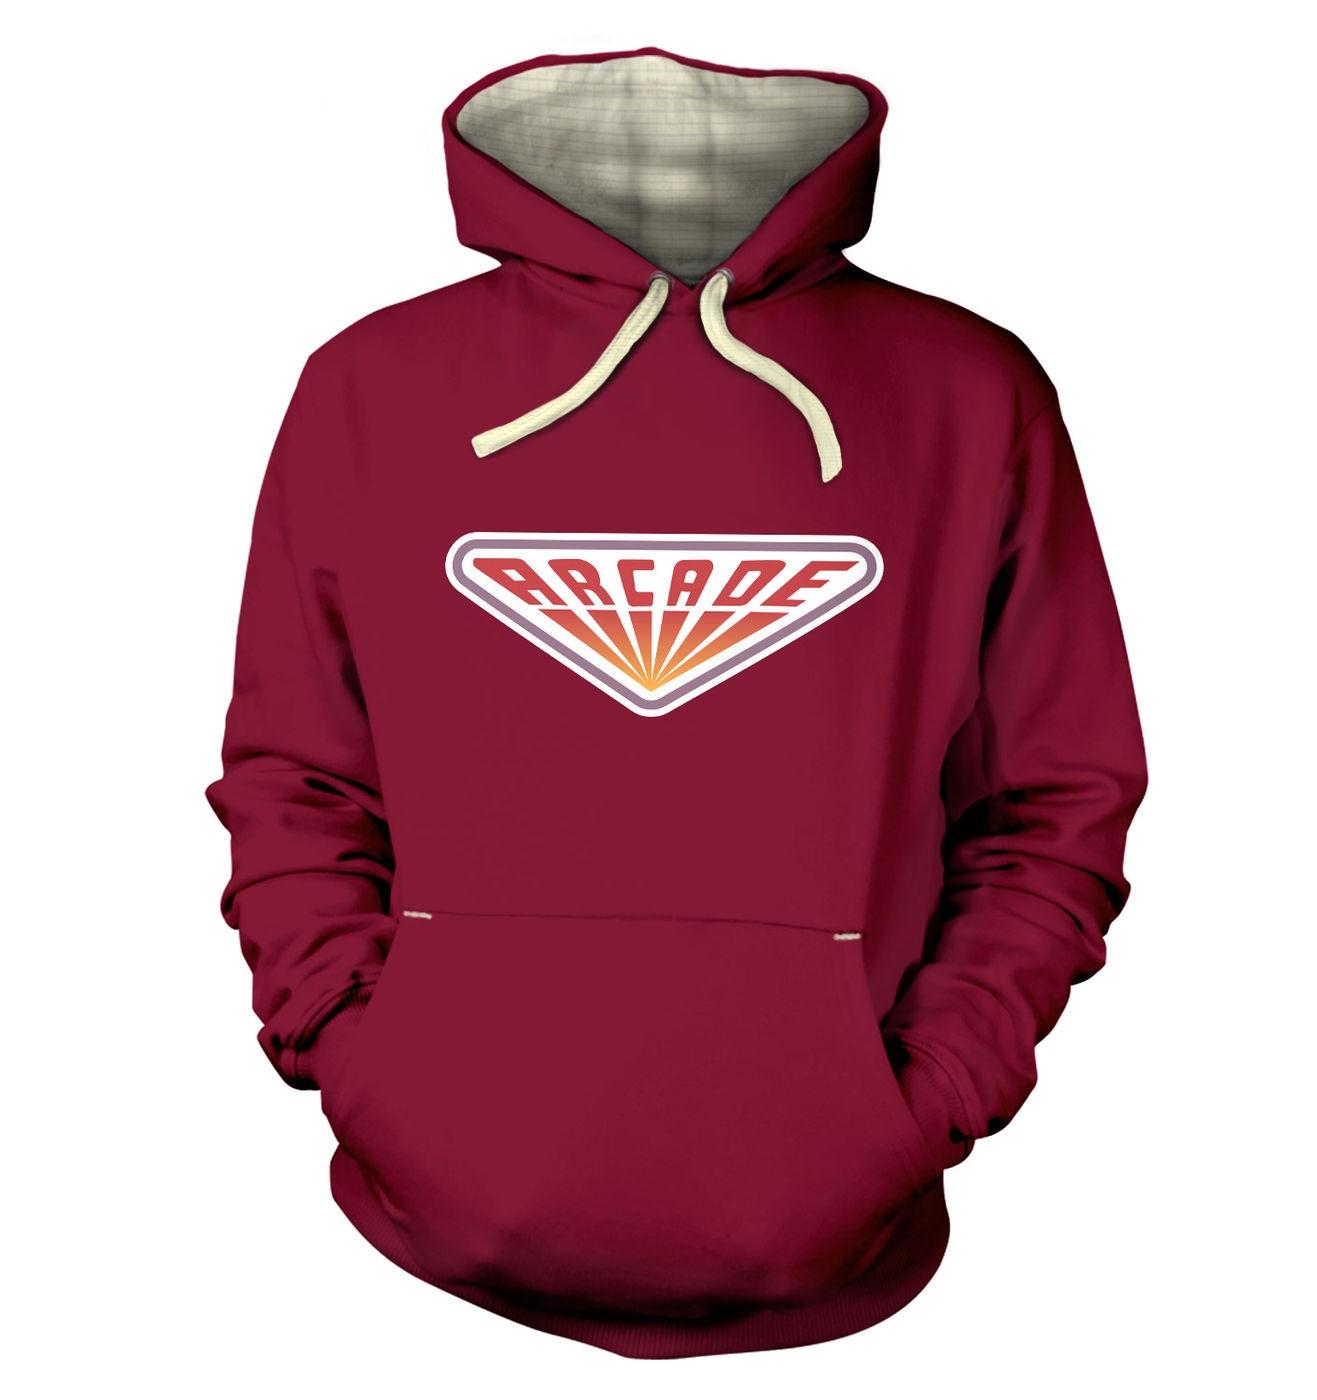 80s Arcade Sign premium hoodie by Something Geeky